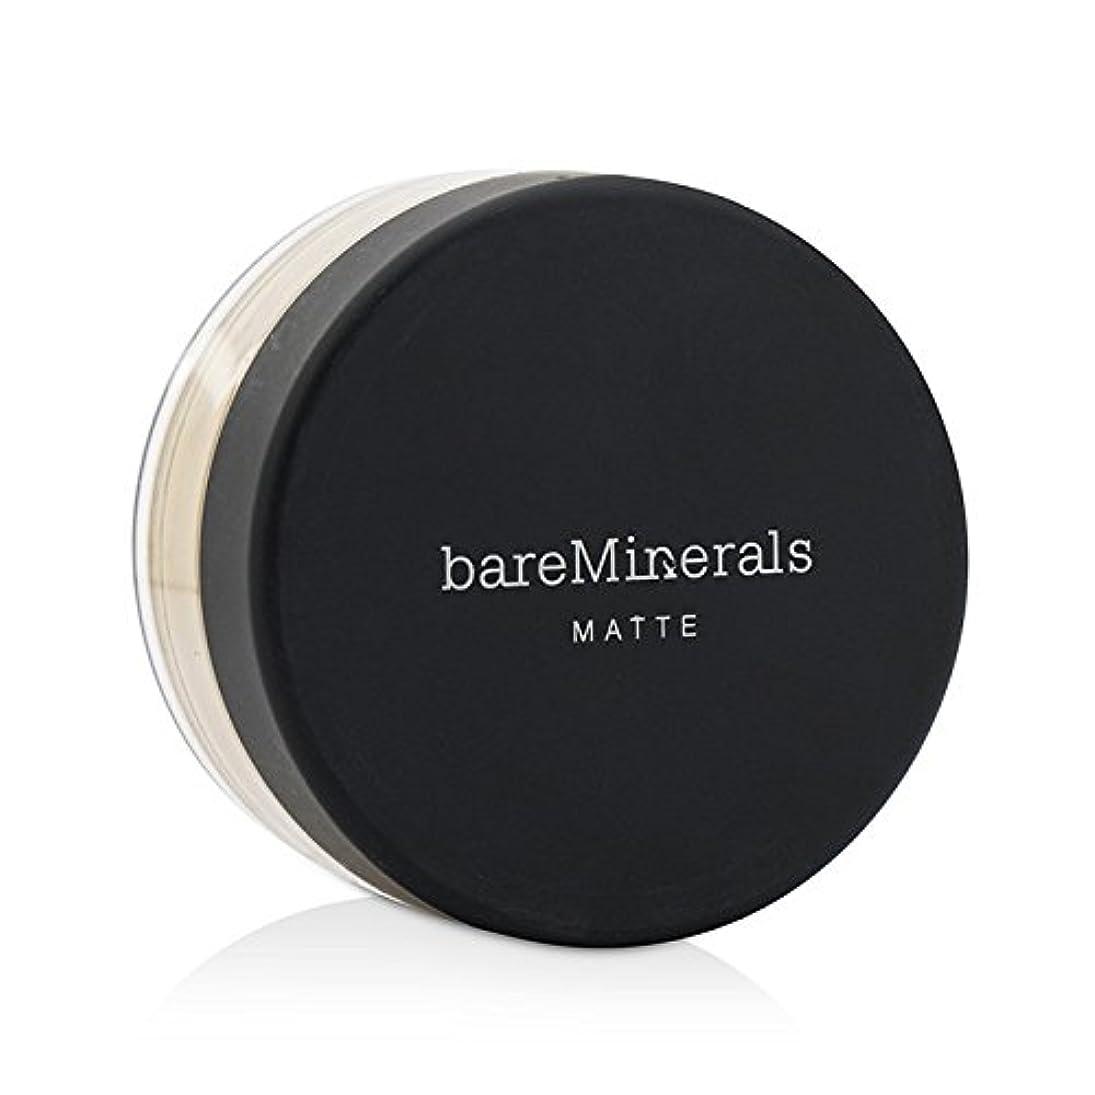 分泌するつかまえる孤児BareMinerals ベアミネラル マット ファンデーション SPF15 - Golden Medium 6g/0.21oz並行輸入品